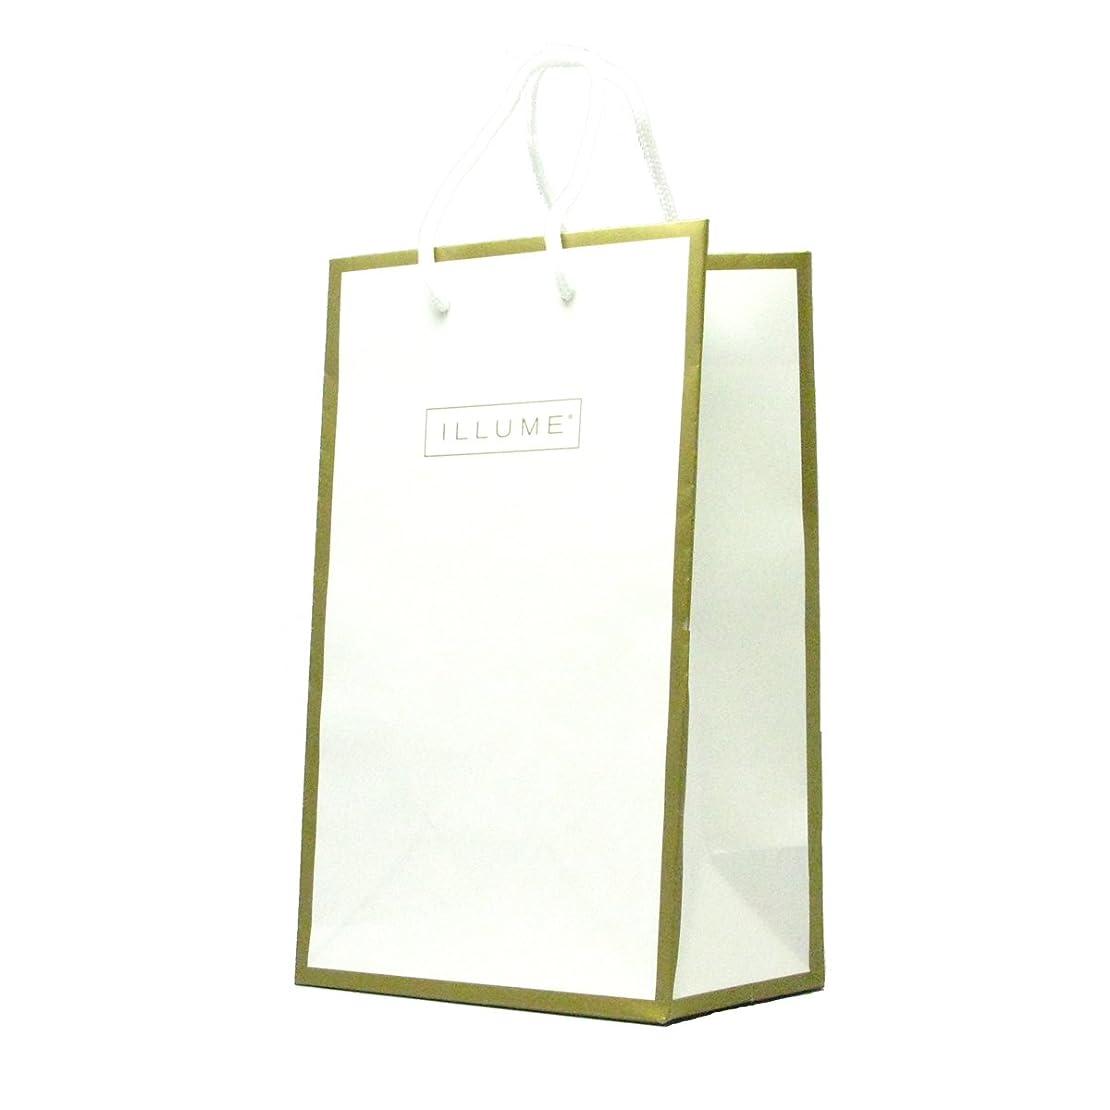 乱すナイトスポット乱雑なイリューム(ILLUME) ギフトバッグ(Gift Bag) (ILLUMEギフトバッグ)